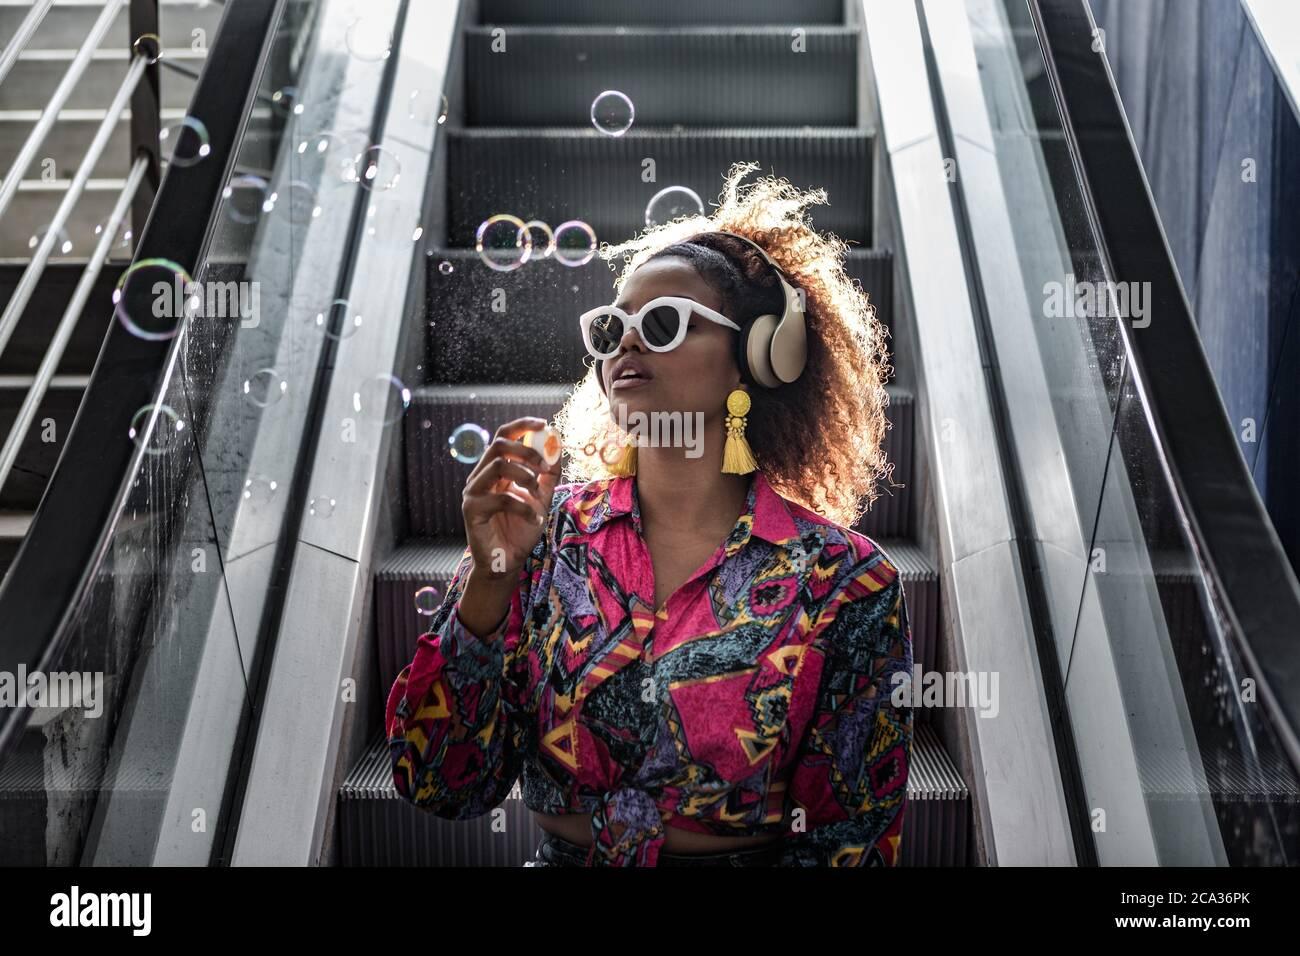 Dama afroamericana en gafas de sol y blusa de colores sentada en escalera en movimiento con boca abierta mientras soplaba burbujas en la parte de atrás iluminada. Foto de stock